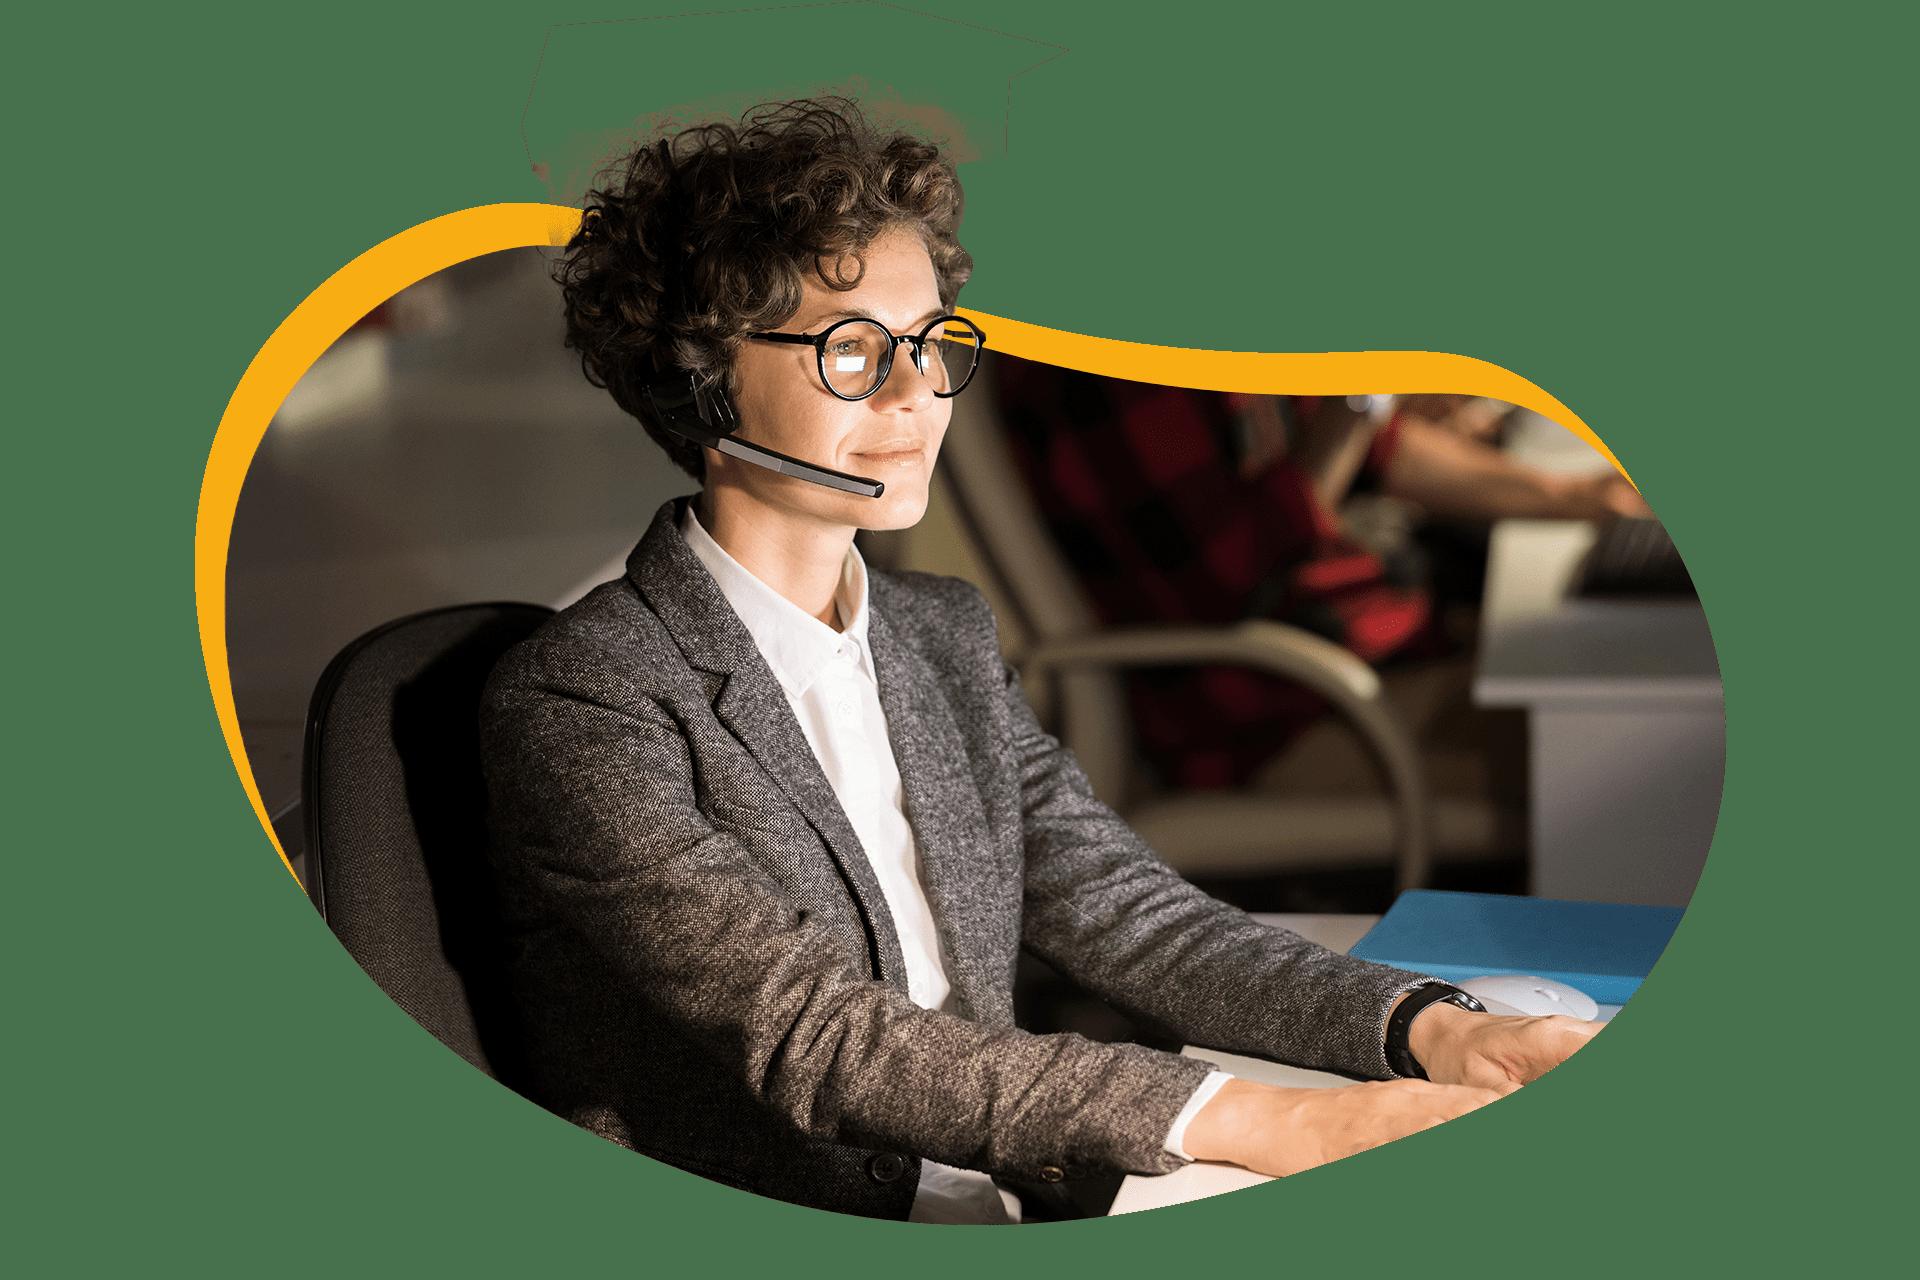 suporte-premium-24-horas-equipe-altamente-qualificada-atendimento-chat-telefone-ticket-sitehosting-jmvstream